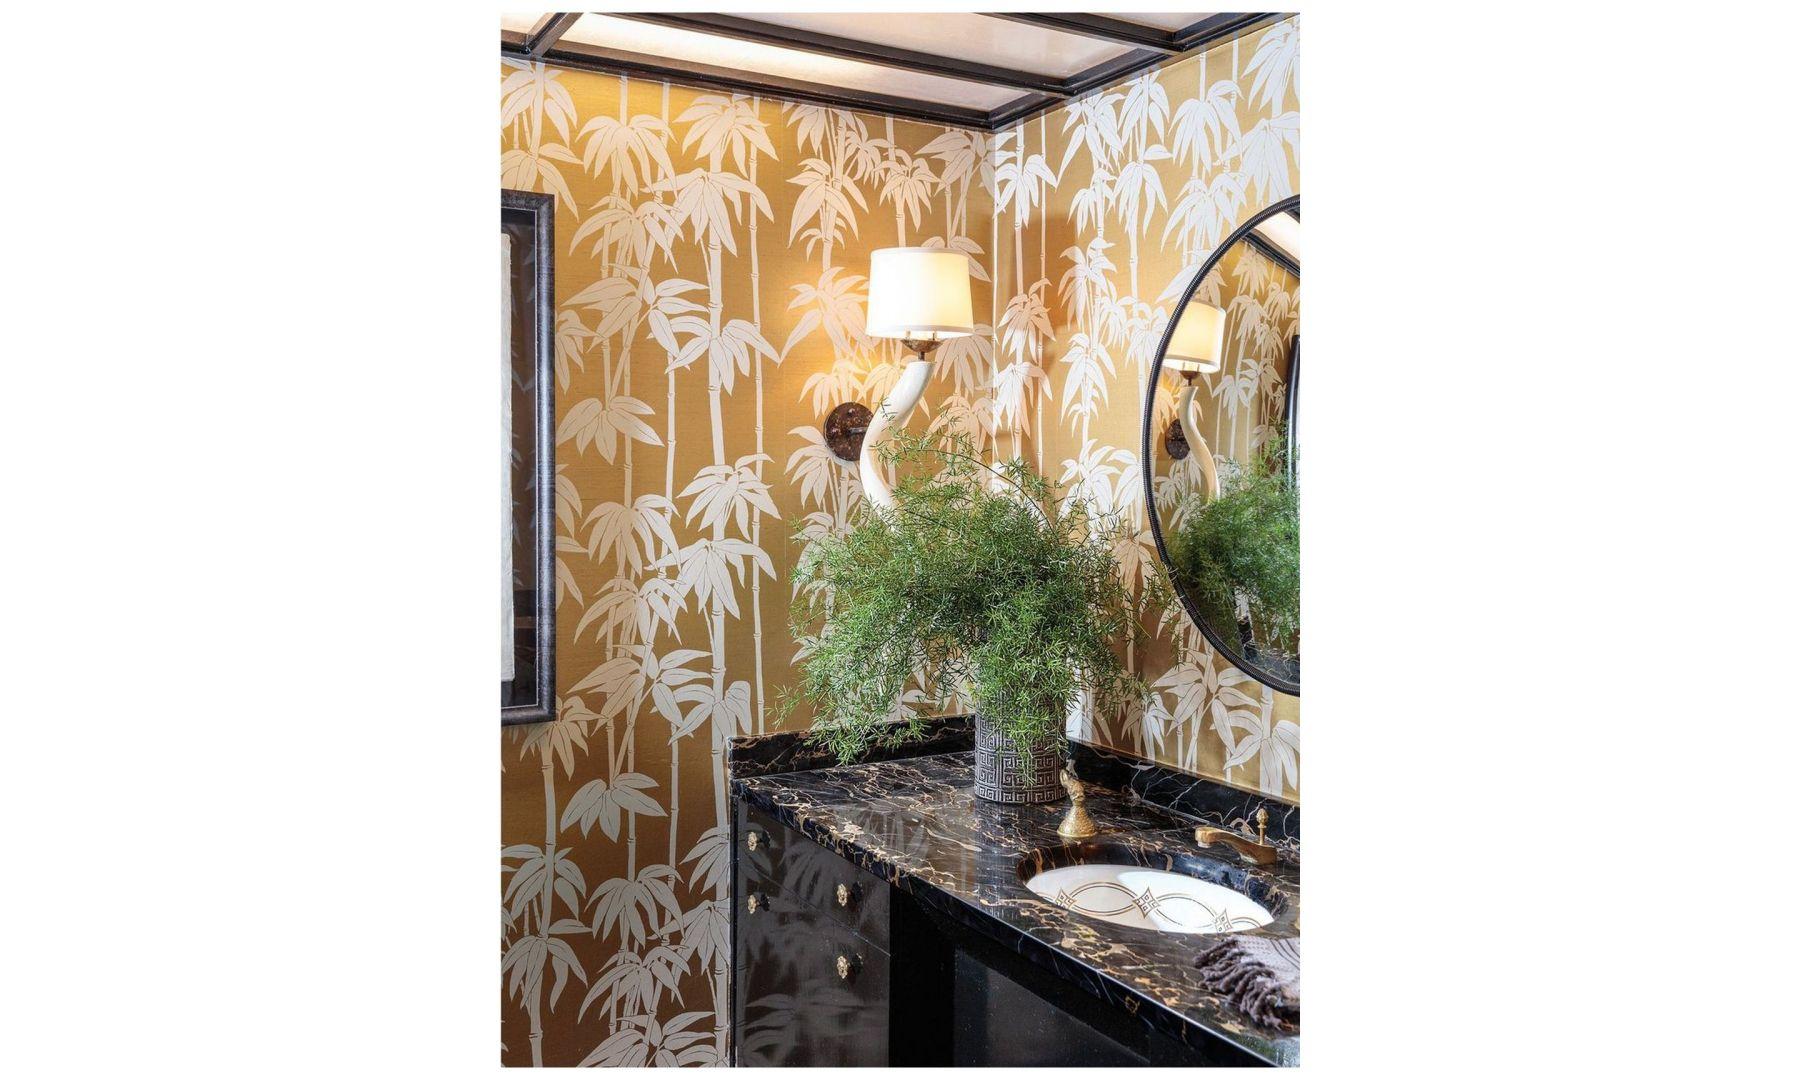 Wnętrze tej łazienki ożywia tapety Florence Broadhurst z motywem palmy. Zarówno umywalka jak i baterie zostały wykonane na zmówienie tego wnętrza. Fot. The Ingalls